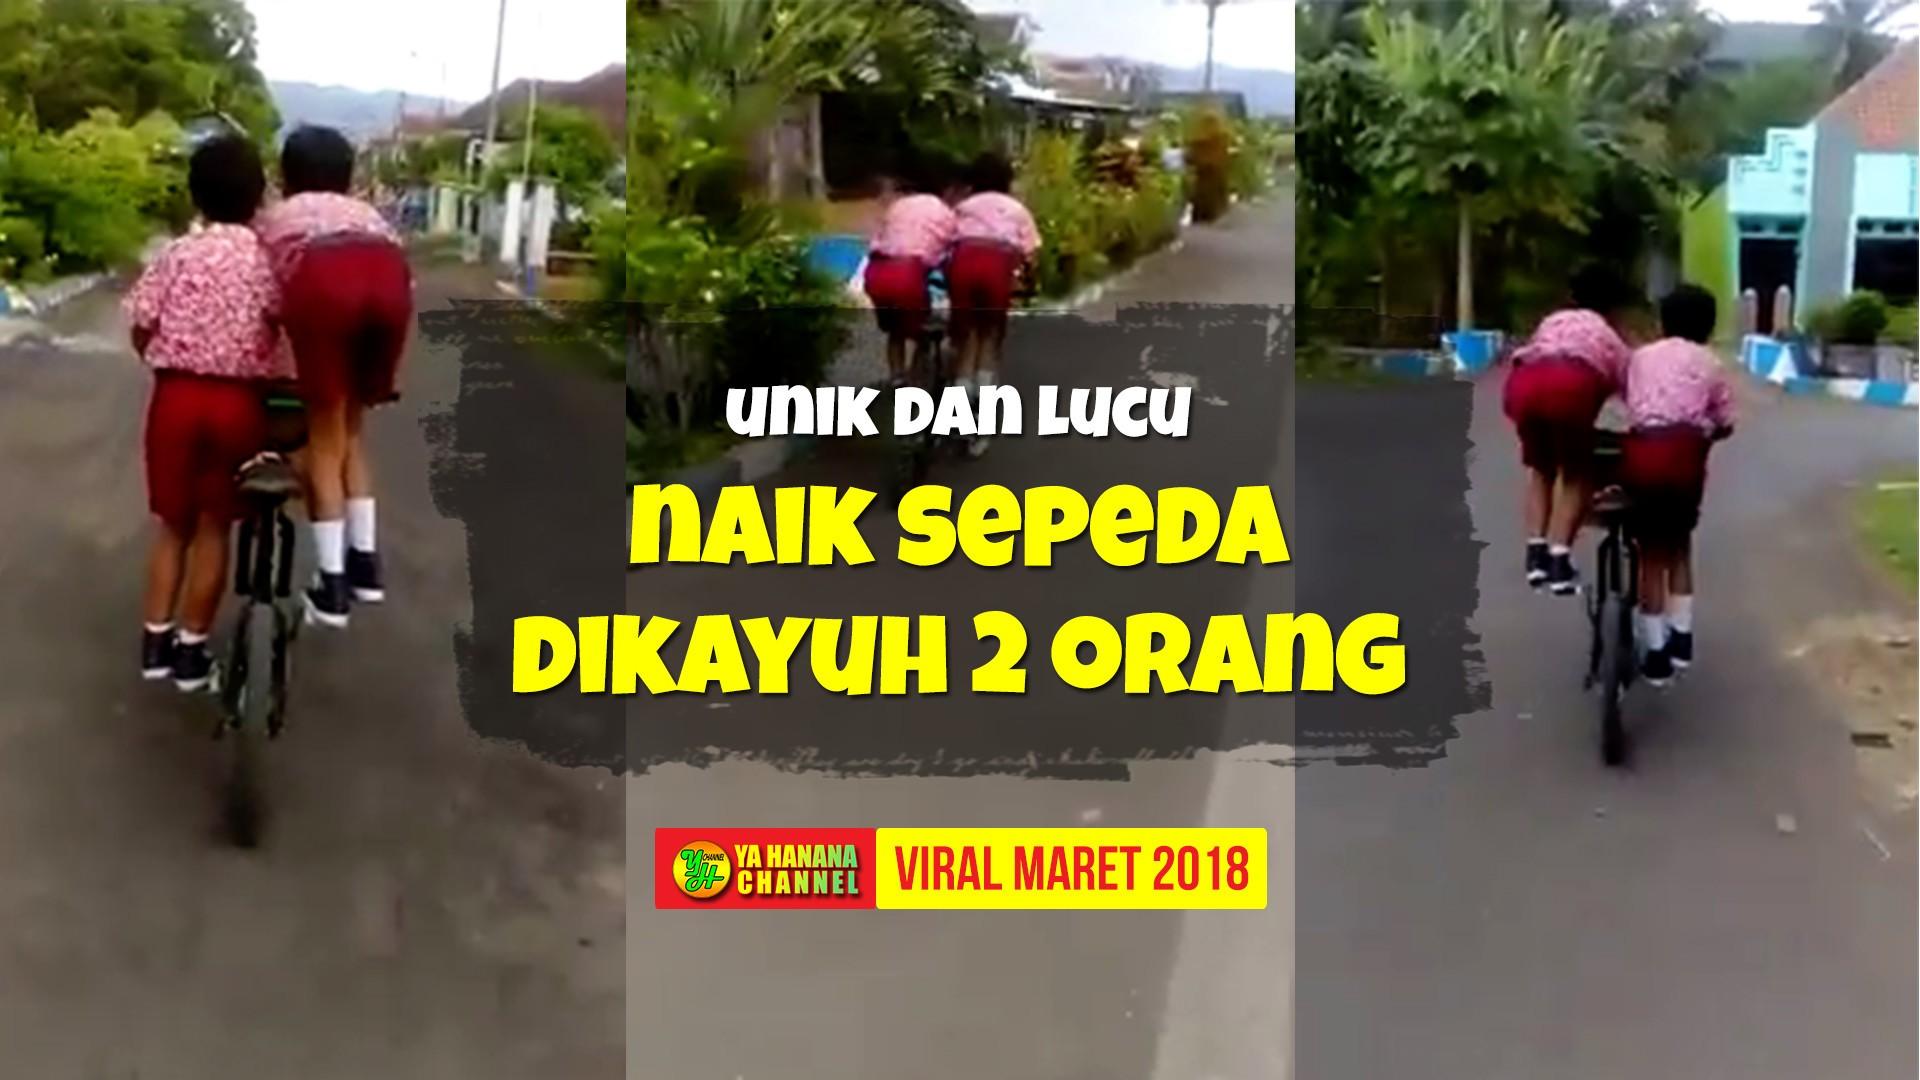 Streaming Anak Sd Naik Sepeda Dikayuh Dua Orang Unik Dan Lucu Banget Videonya Menjadi Viral Vidio Com